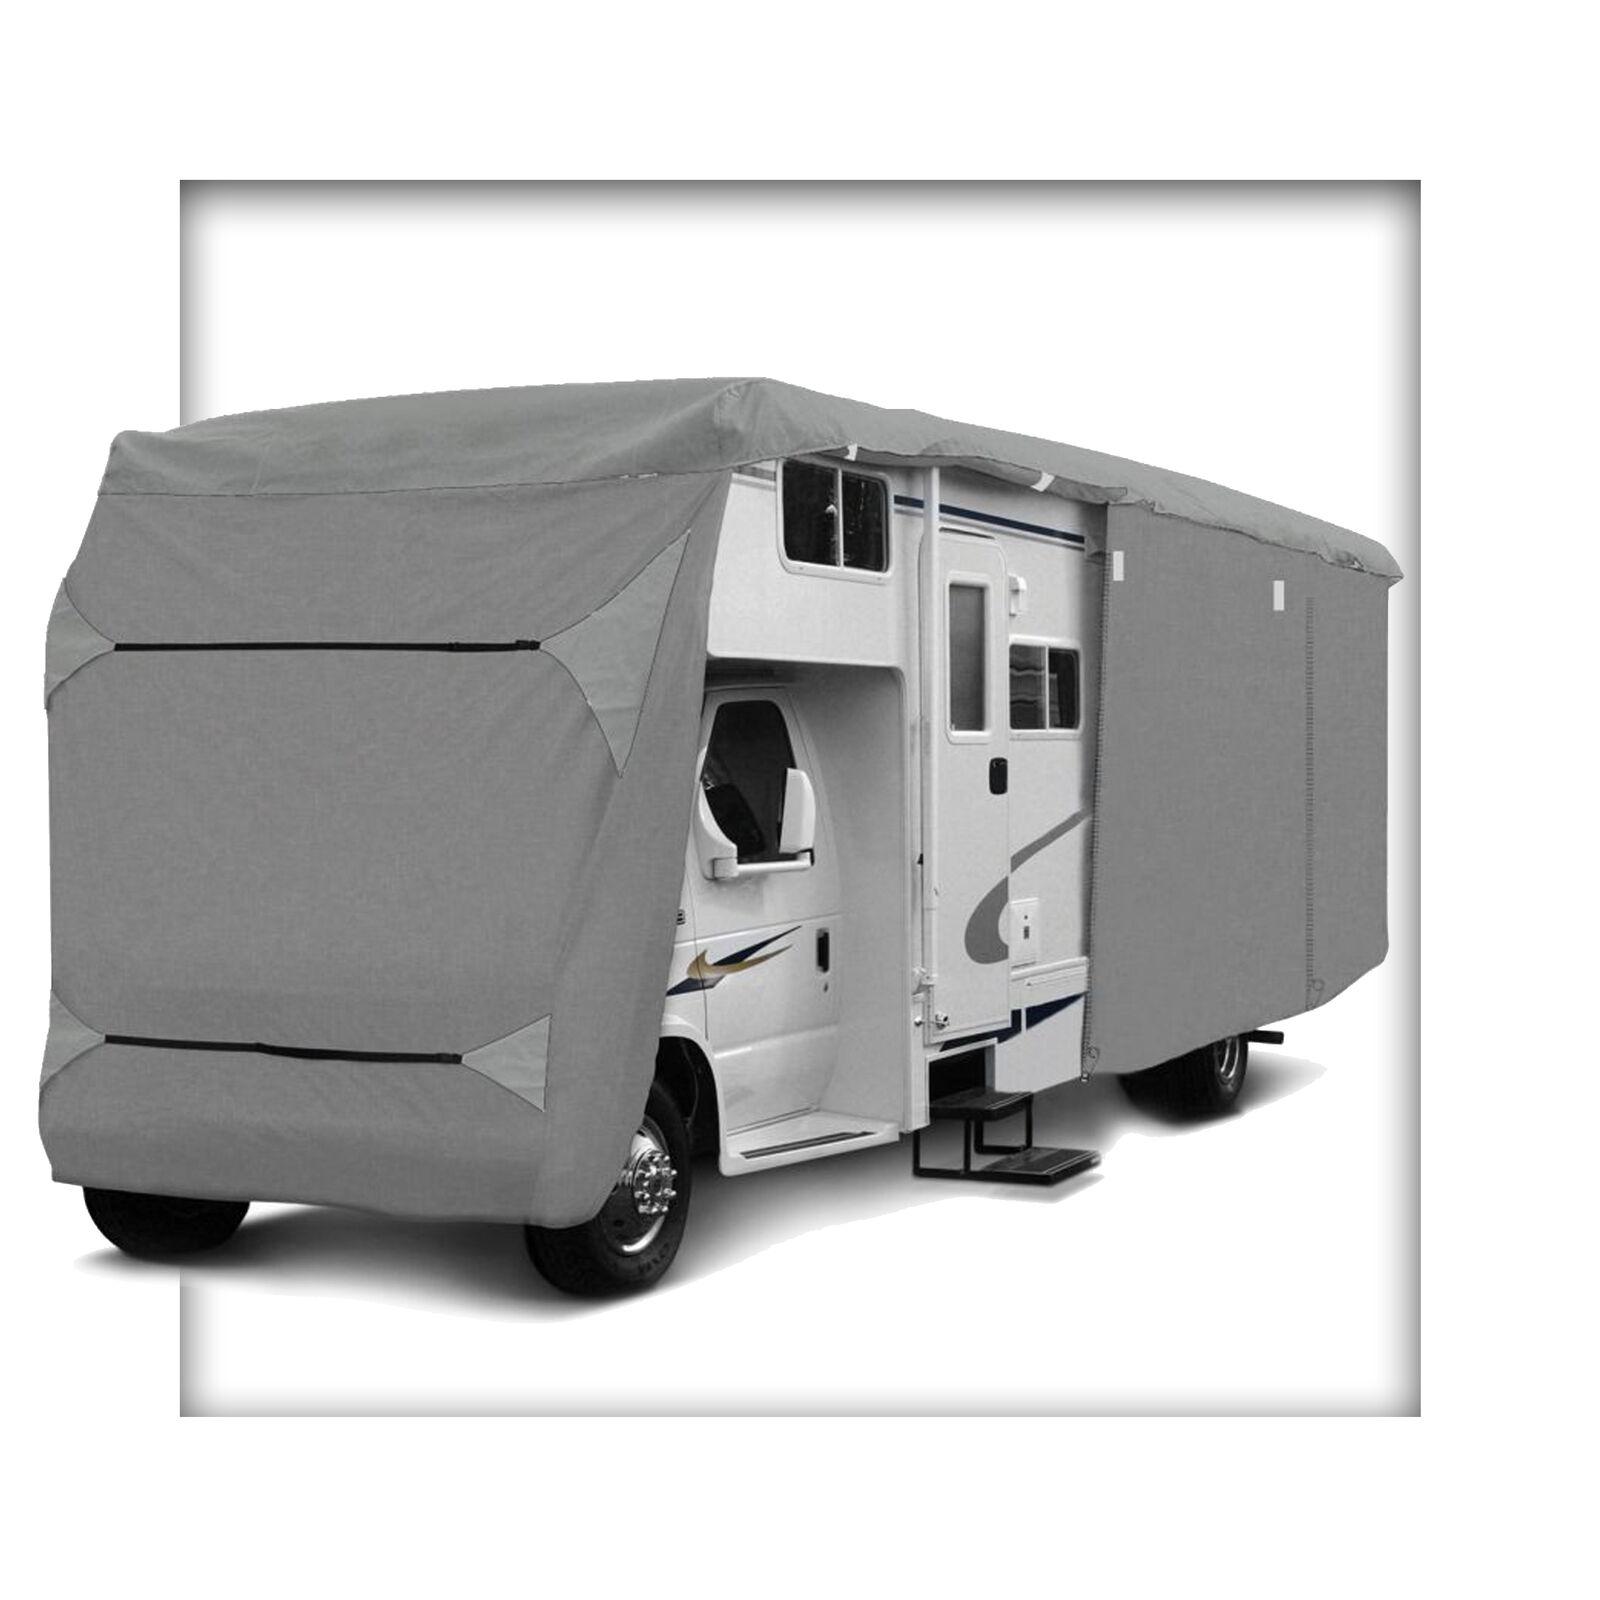 green yard abdeckplane wohnwagen wohnmobil. Black Bedroom Furniture Sets. Home Design Ideas